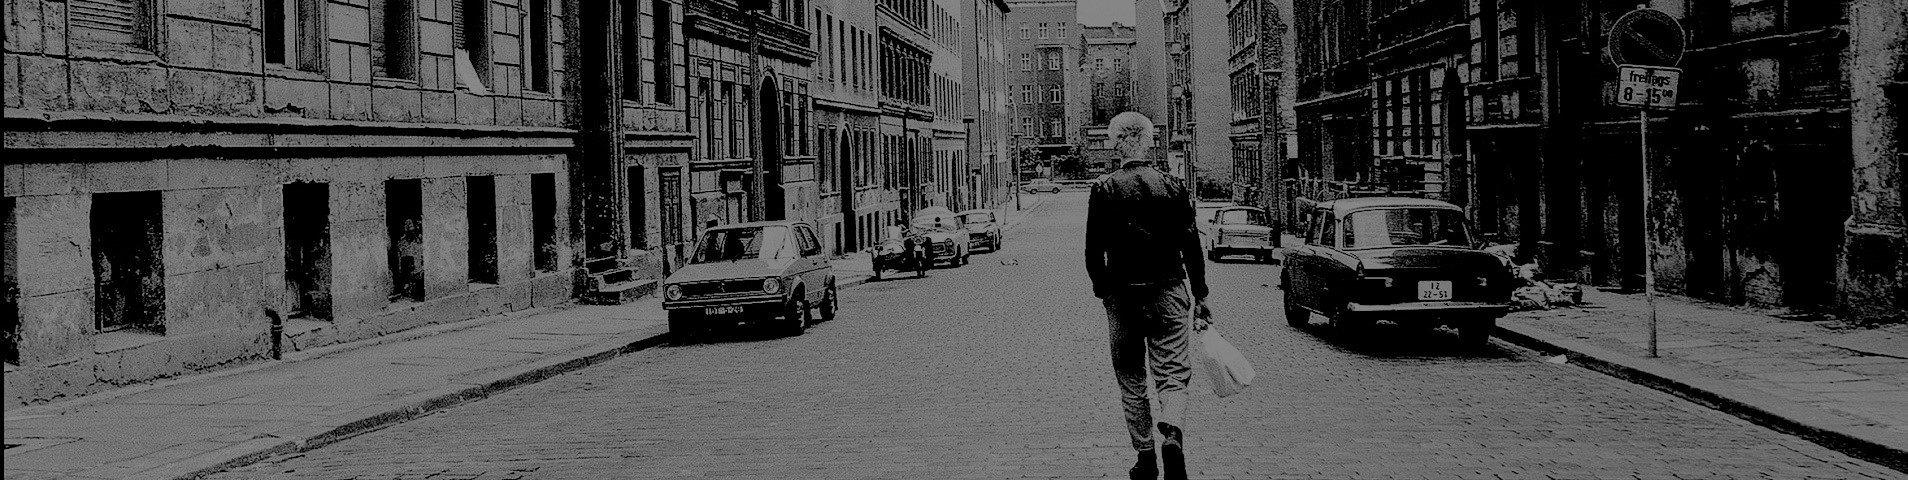 Geniale Dilletanten | Sub-Kultur der 1980er Jahre in West- und Ostdeutschland